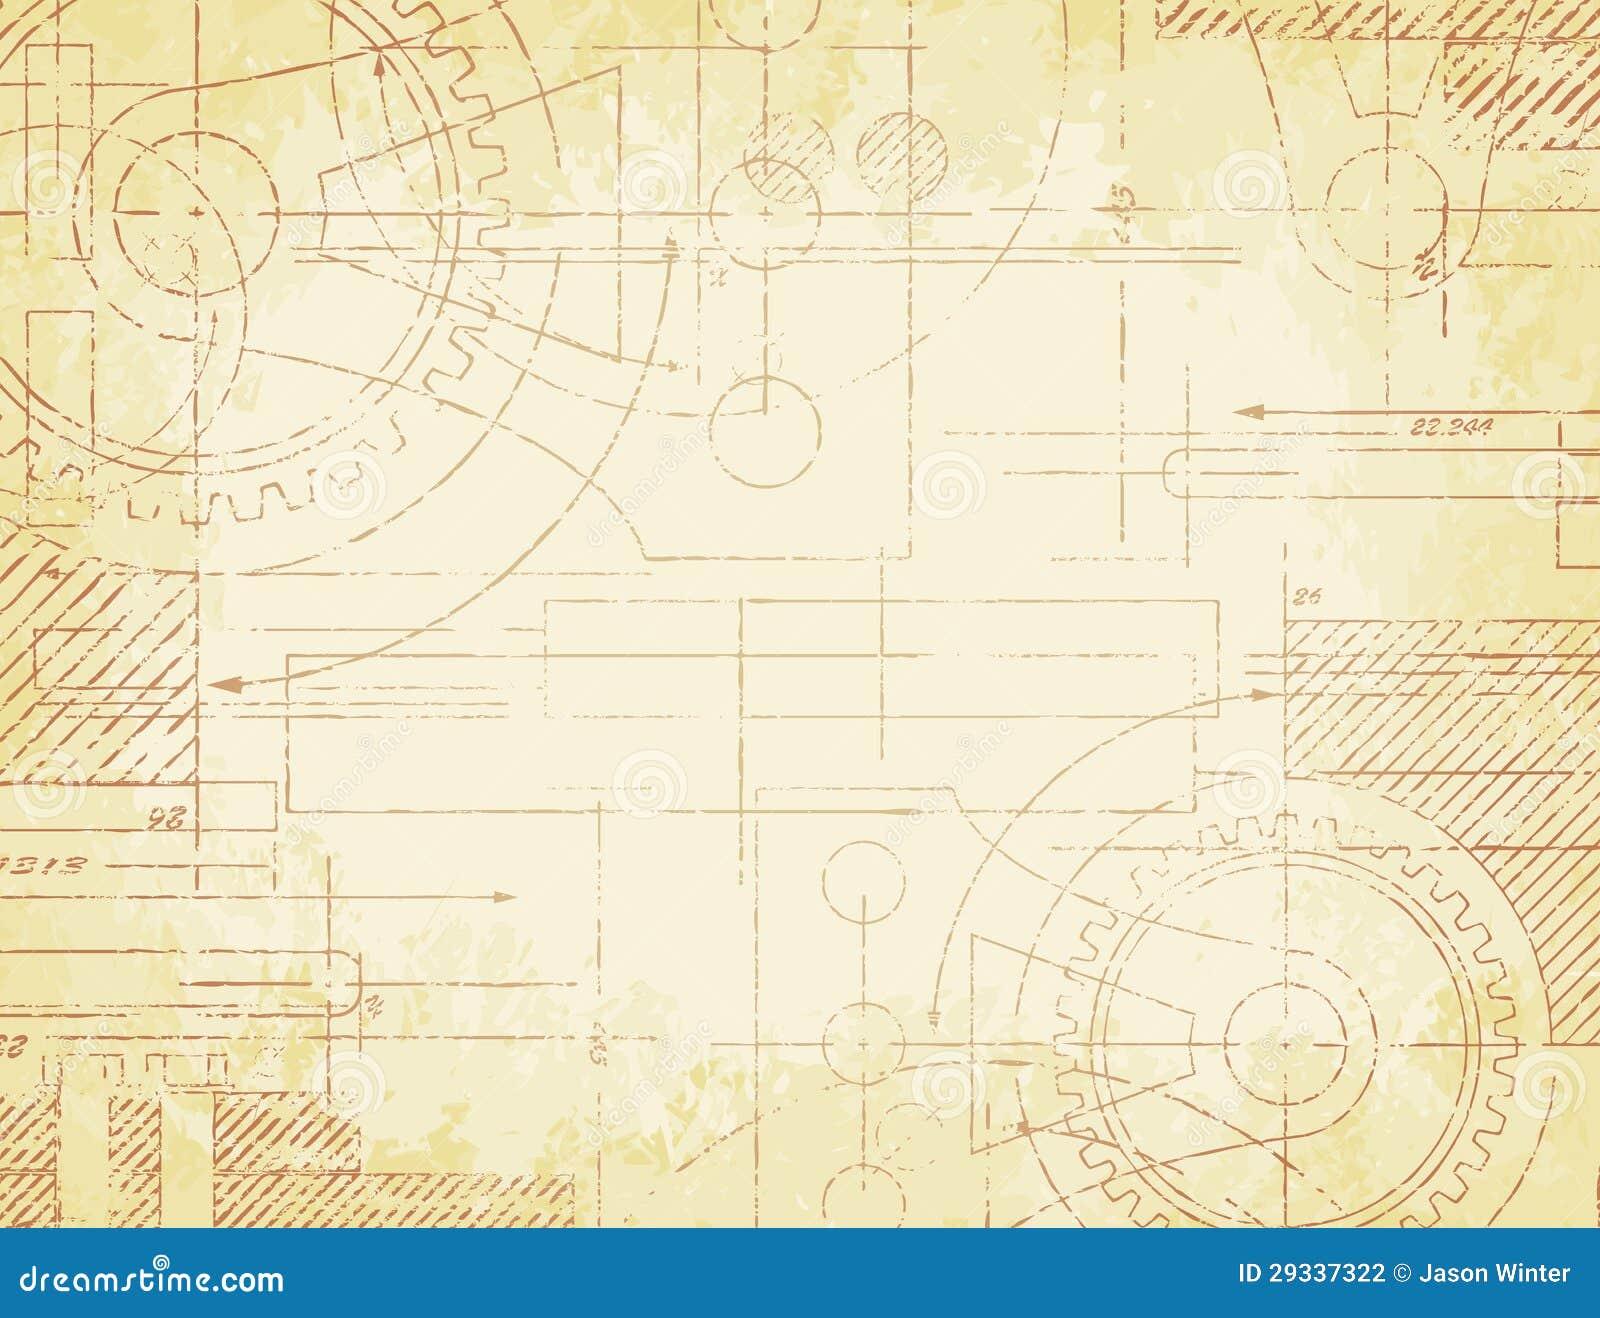 Holz HaustUr Technische Zeichnung ~ Grungy alte technische Lichtpausenabbildung auf verblaßtem